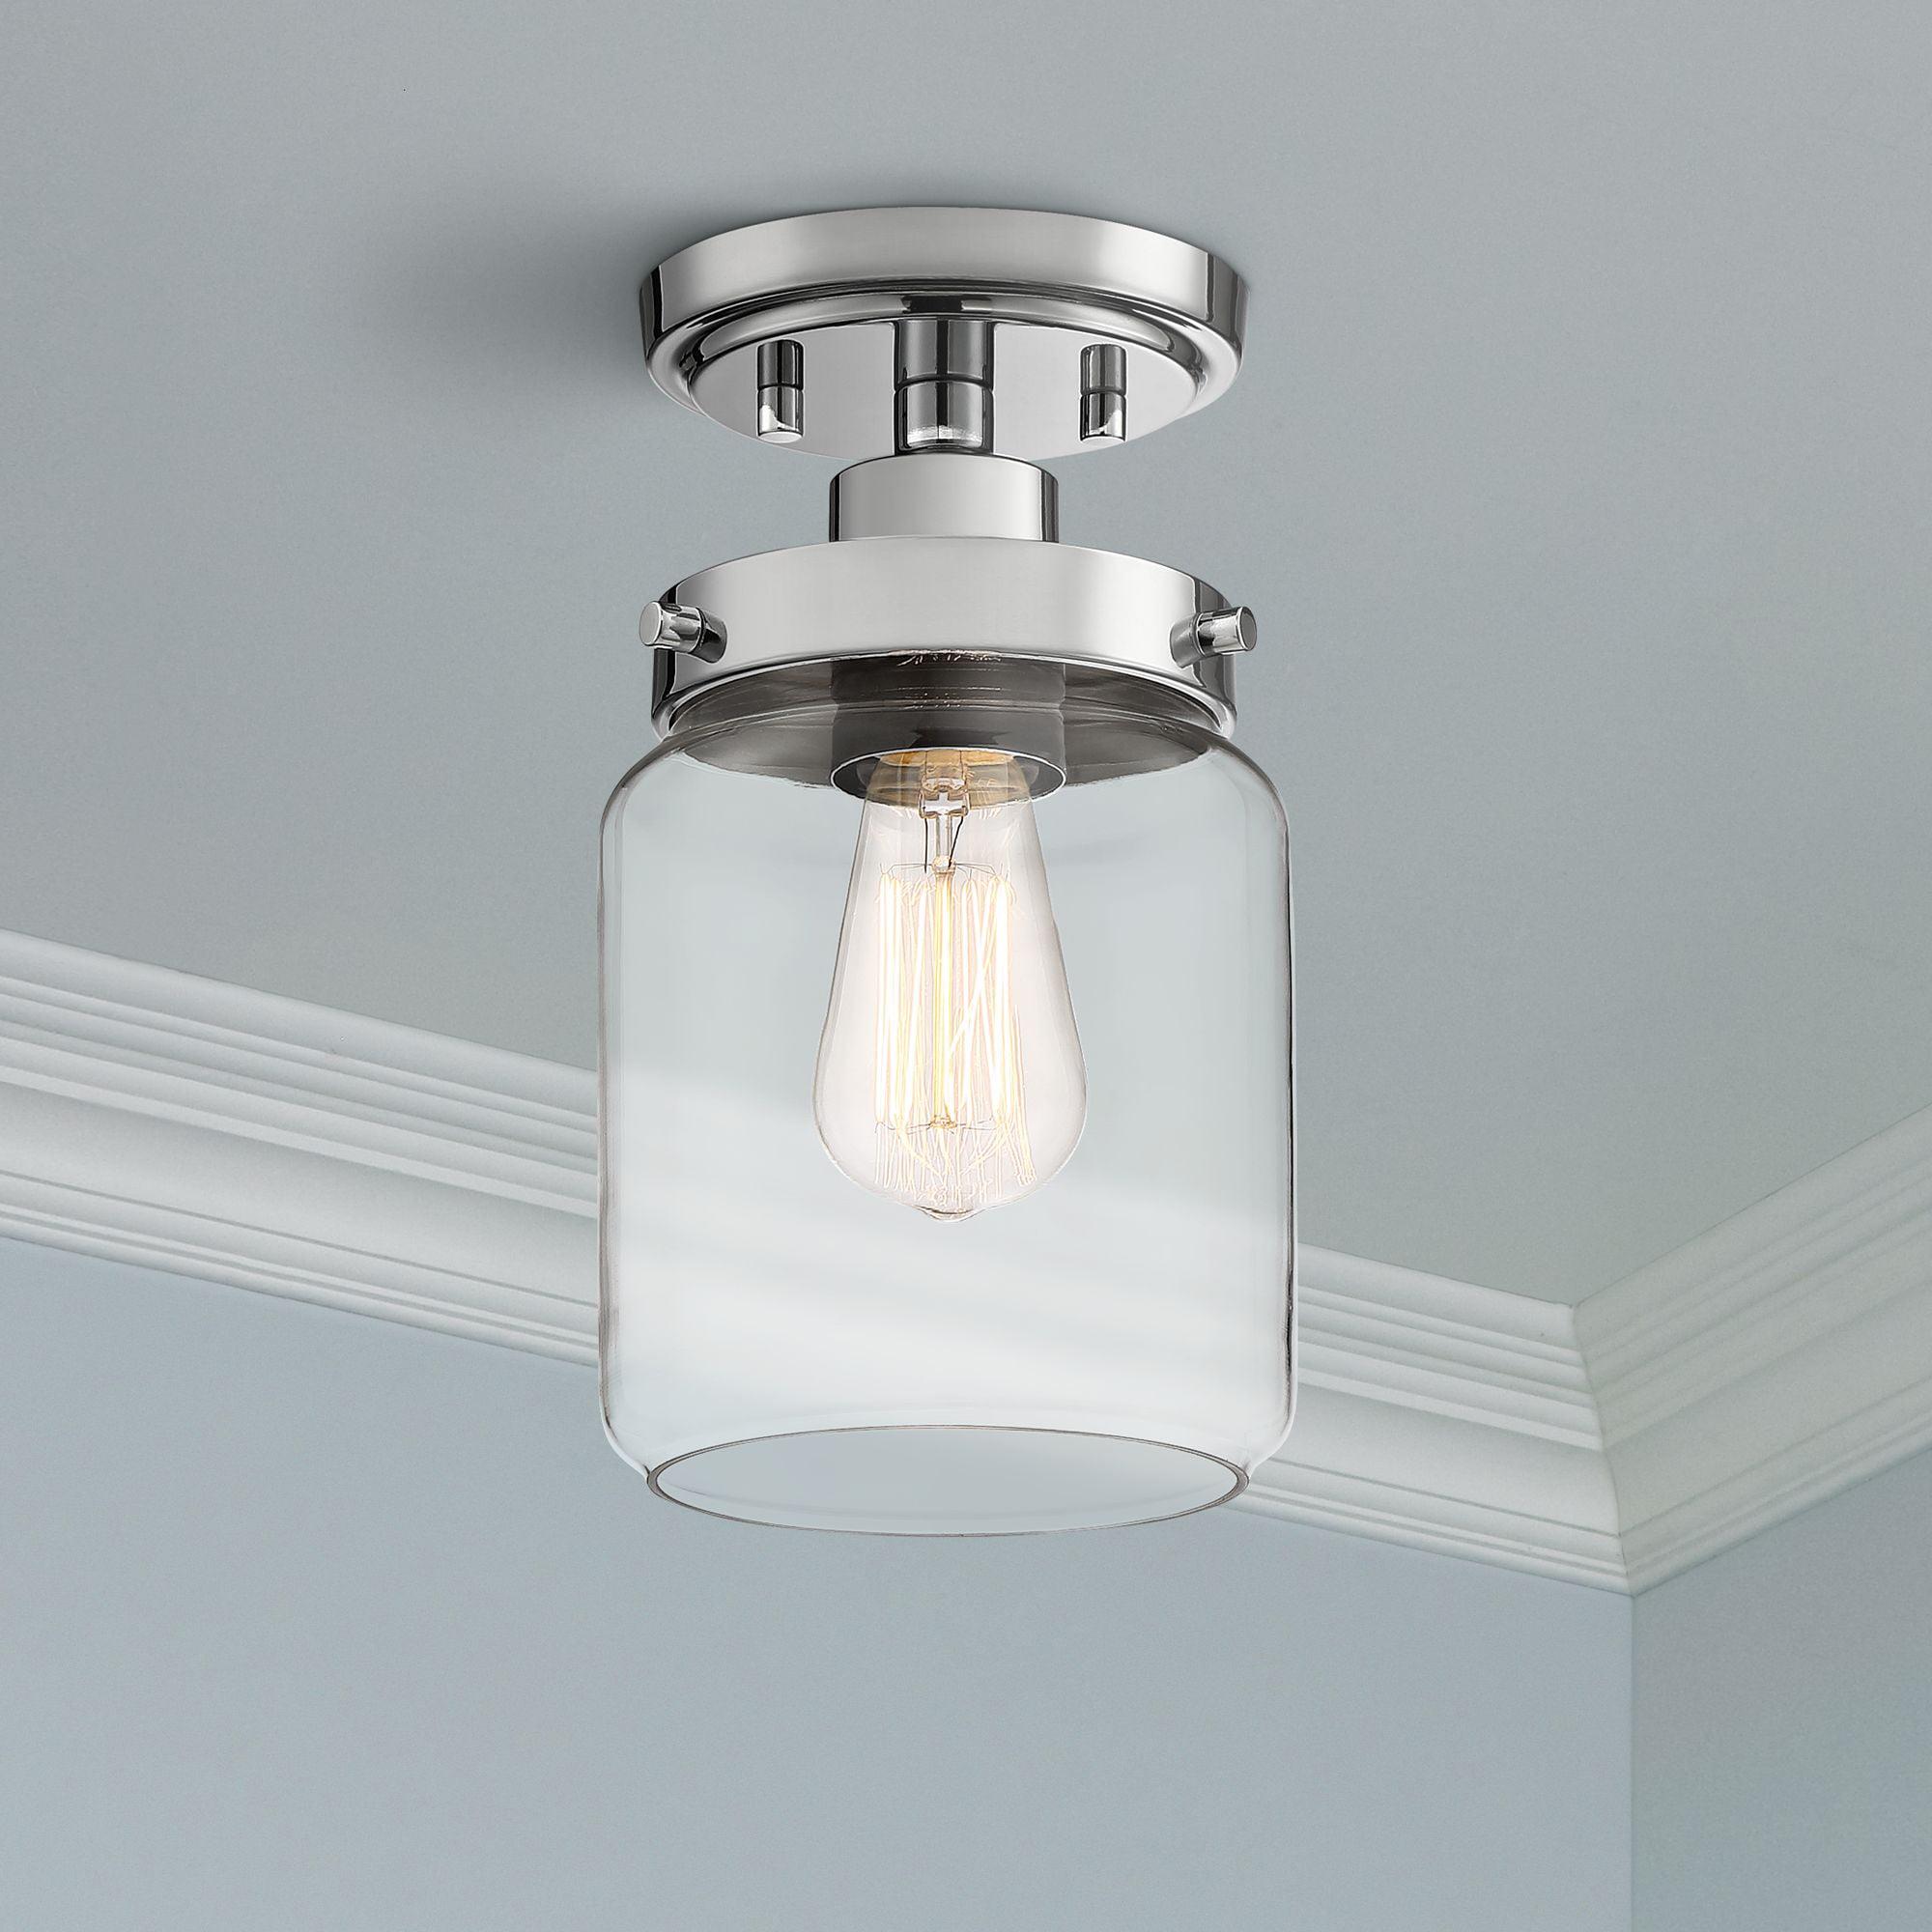 Oak Park Flushmount Ceiling Light  Kitchen Flush Mount Ceiling Light